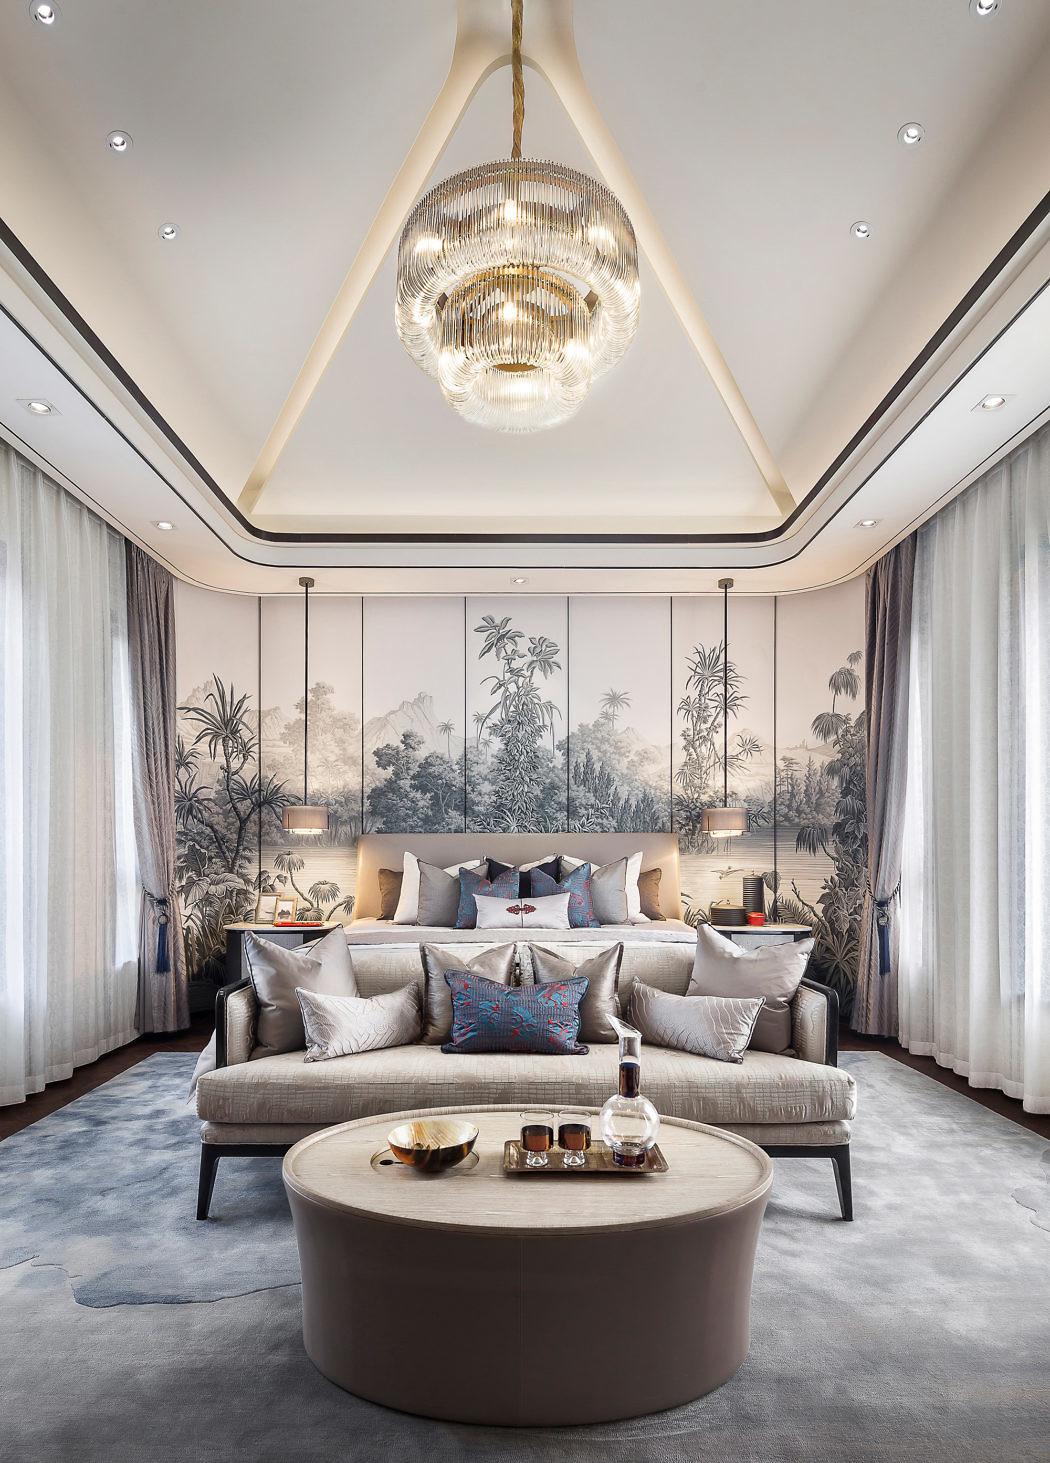 Made in China: квартира в стиле арт-деко из Китая